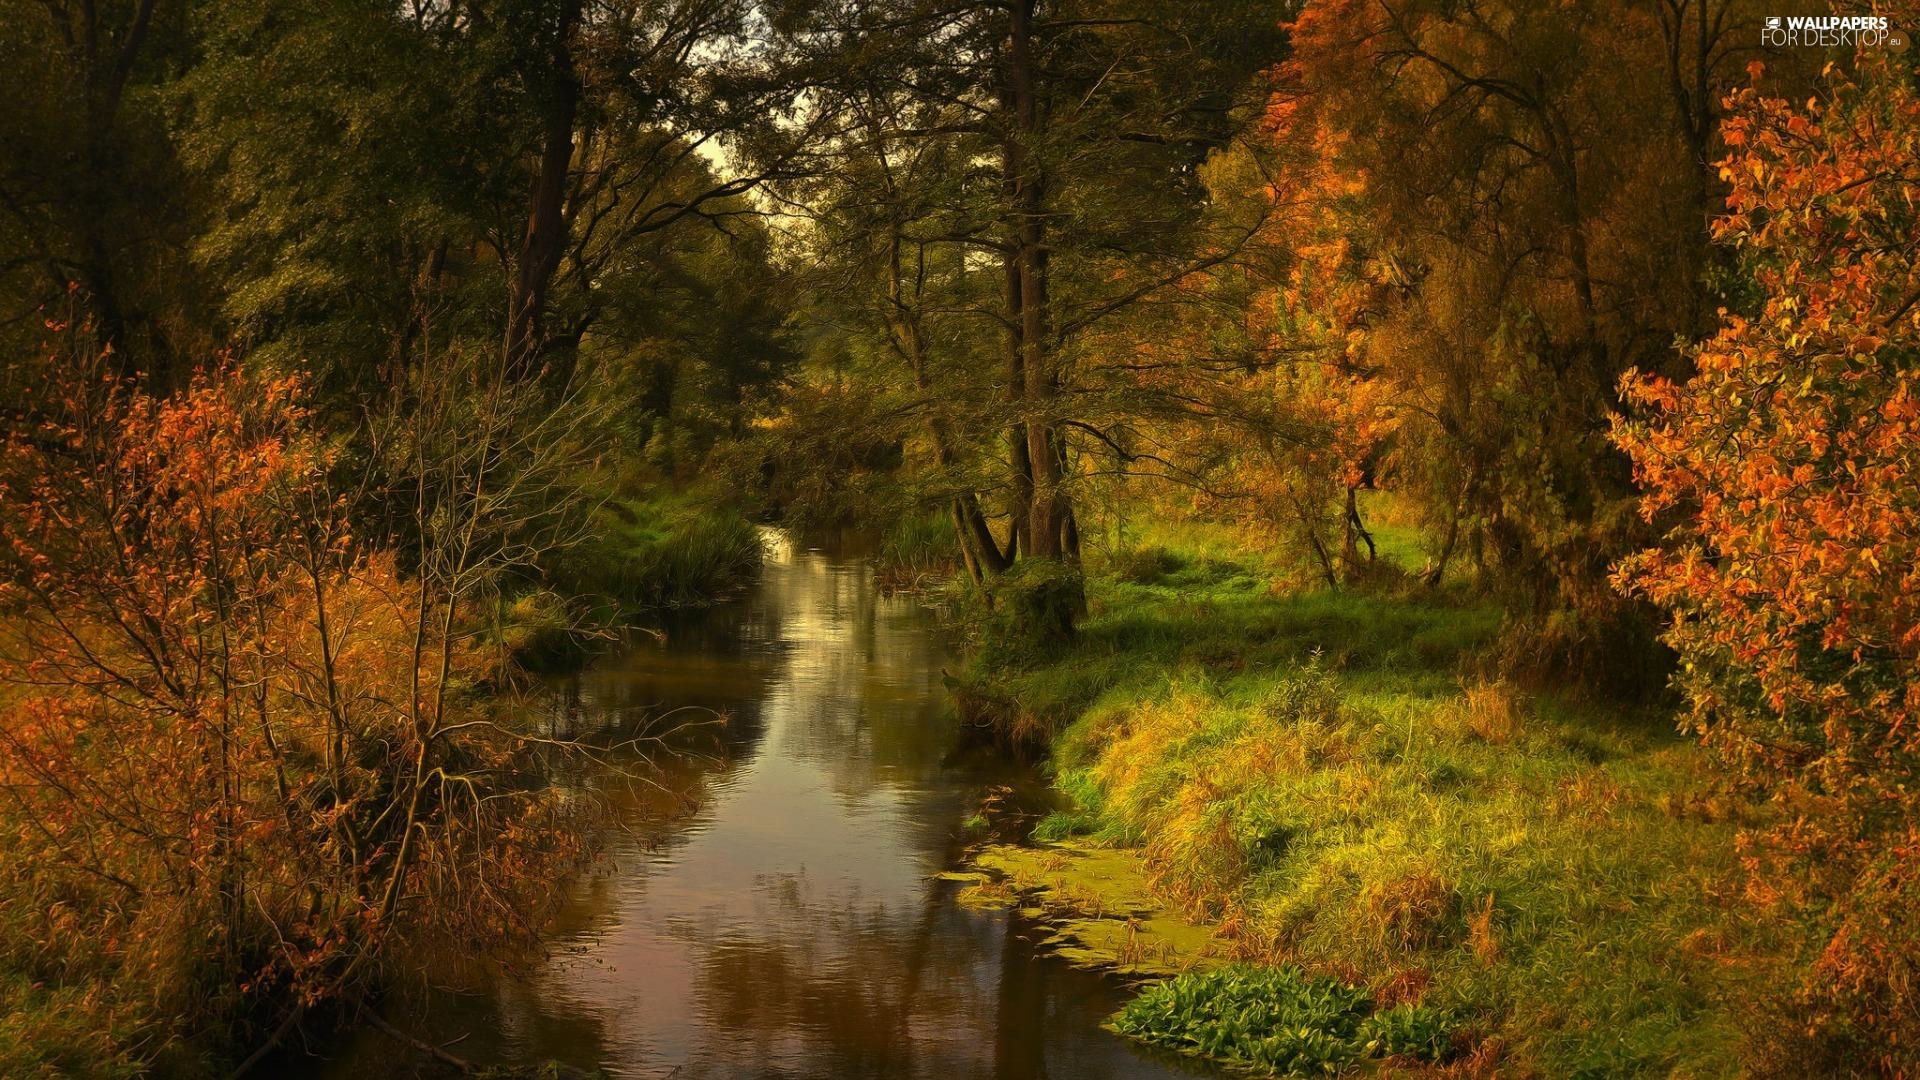 viewes, autumn, forest, River, Bush, trees - For desktop ...